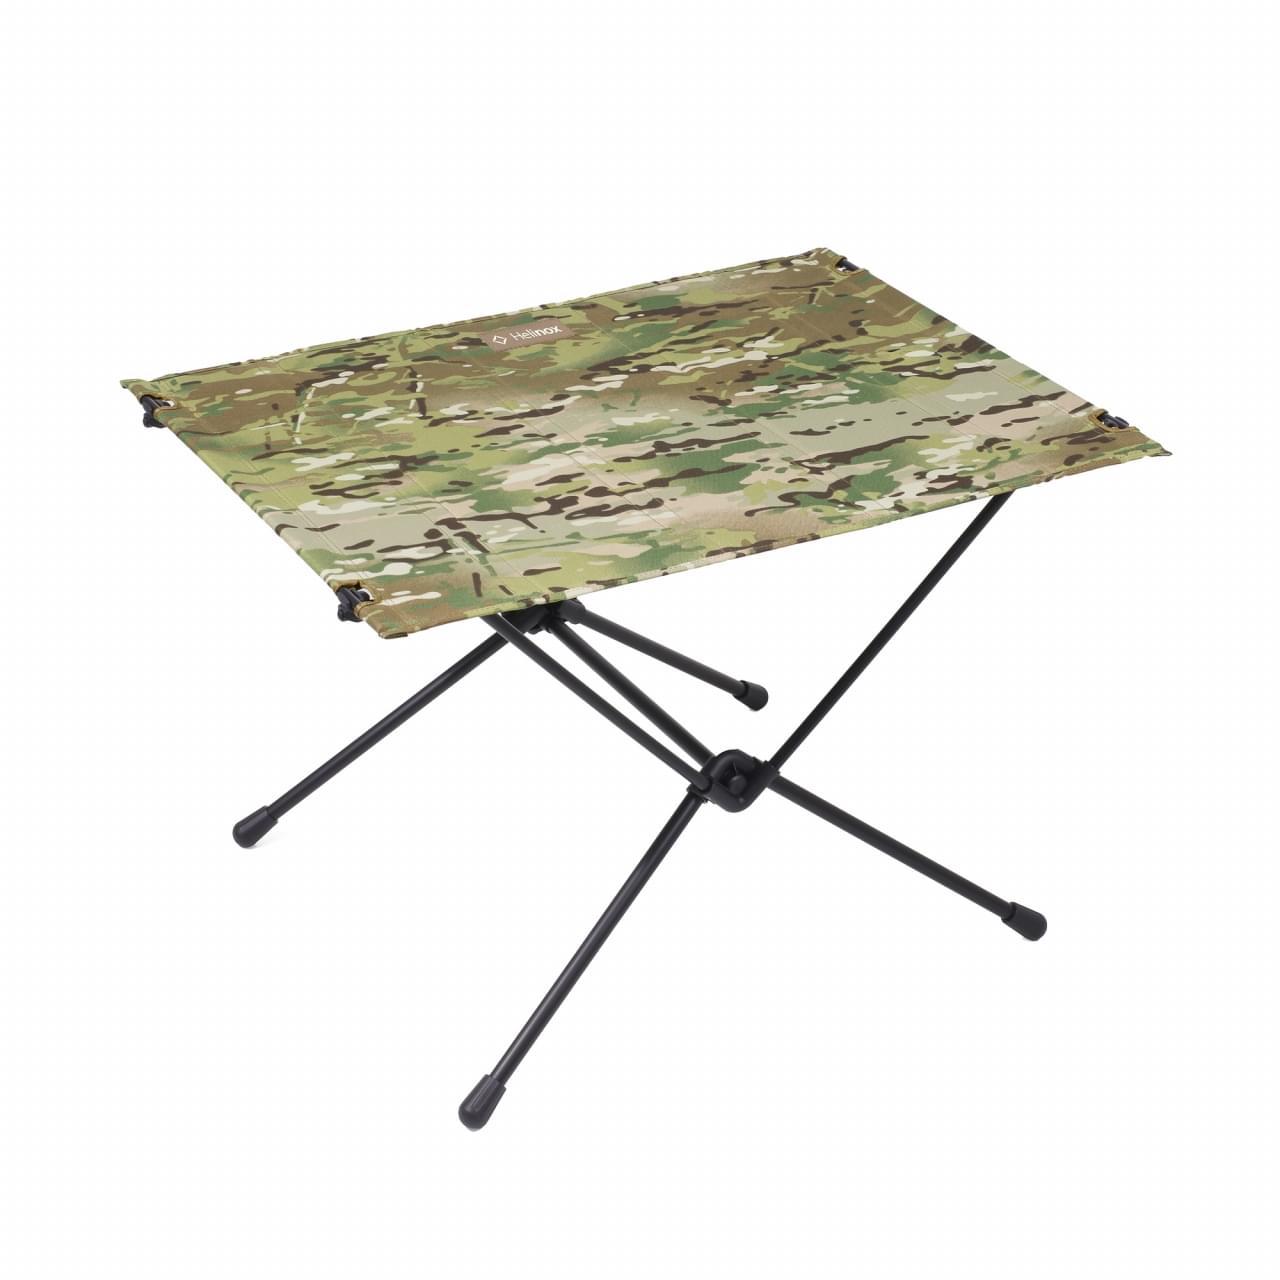 Helinox Table One Hard Top L Lichtgewicht Tafel - Camouflage Groen